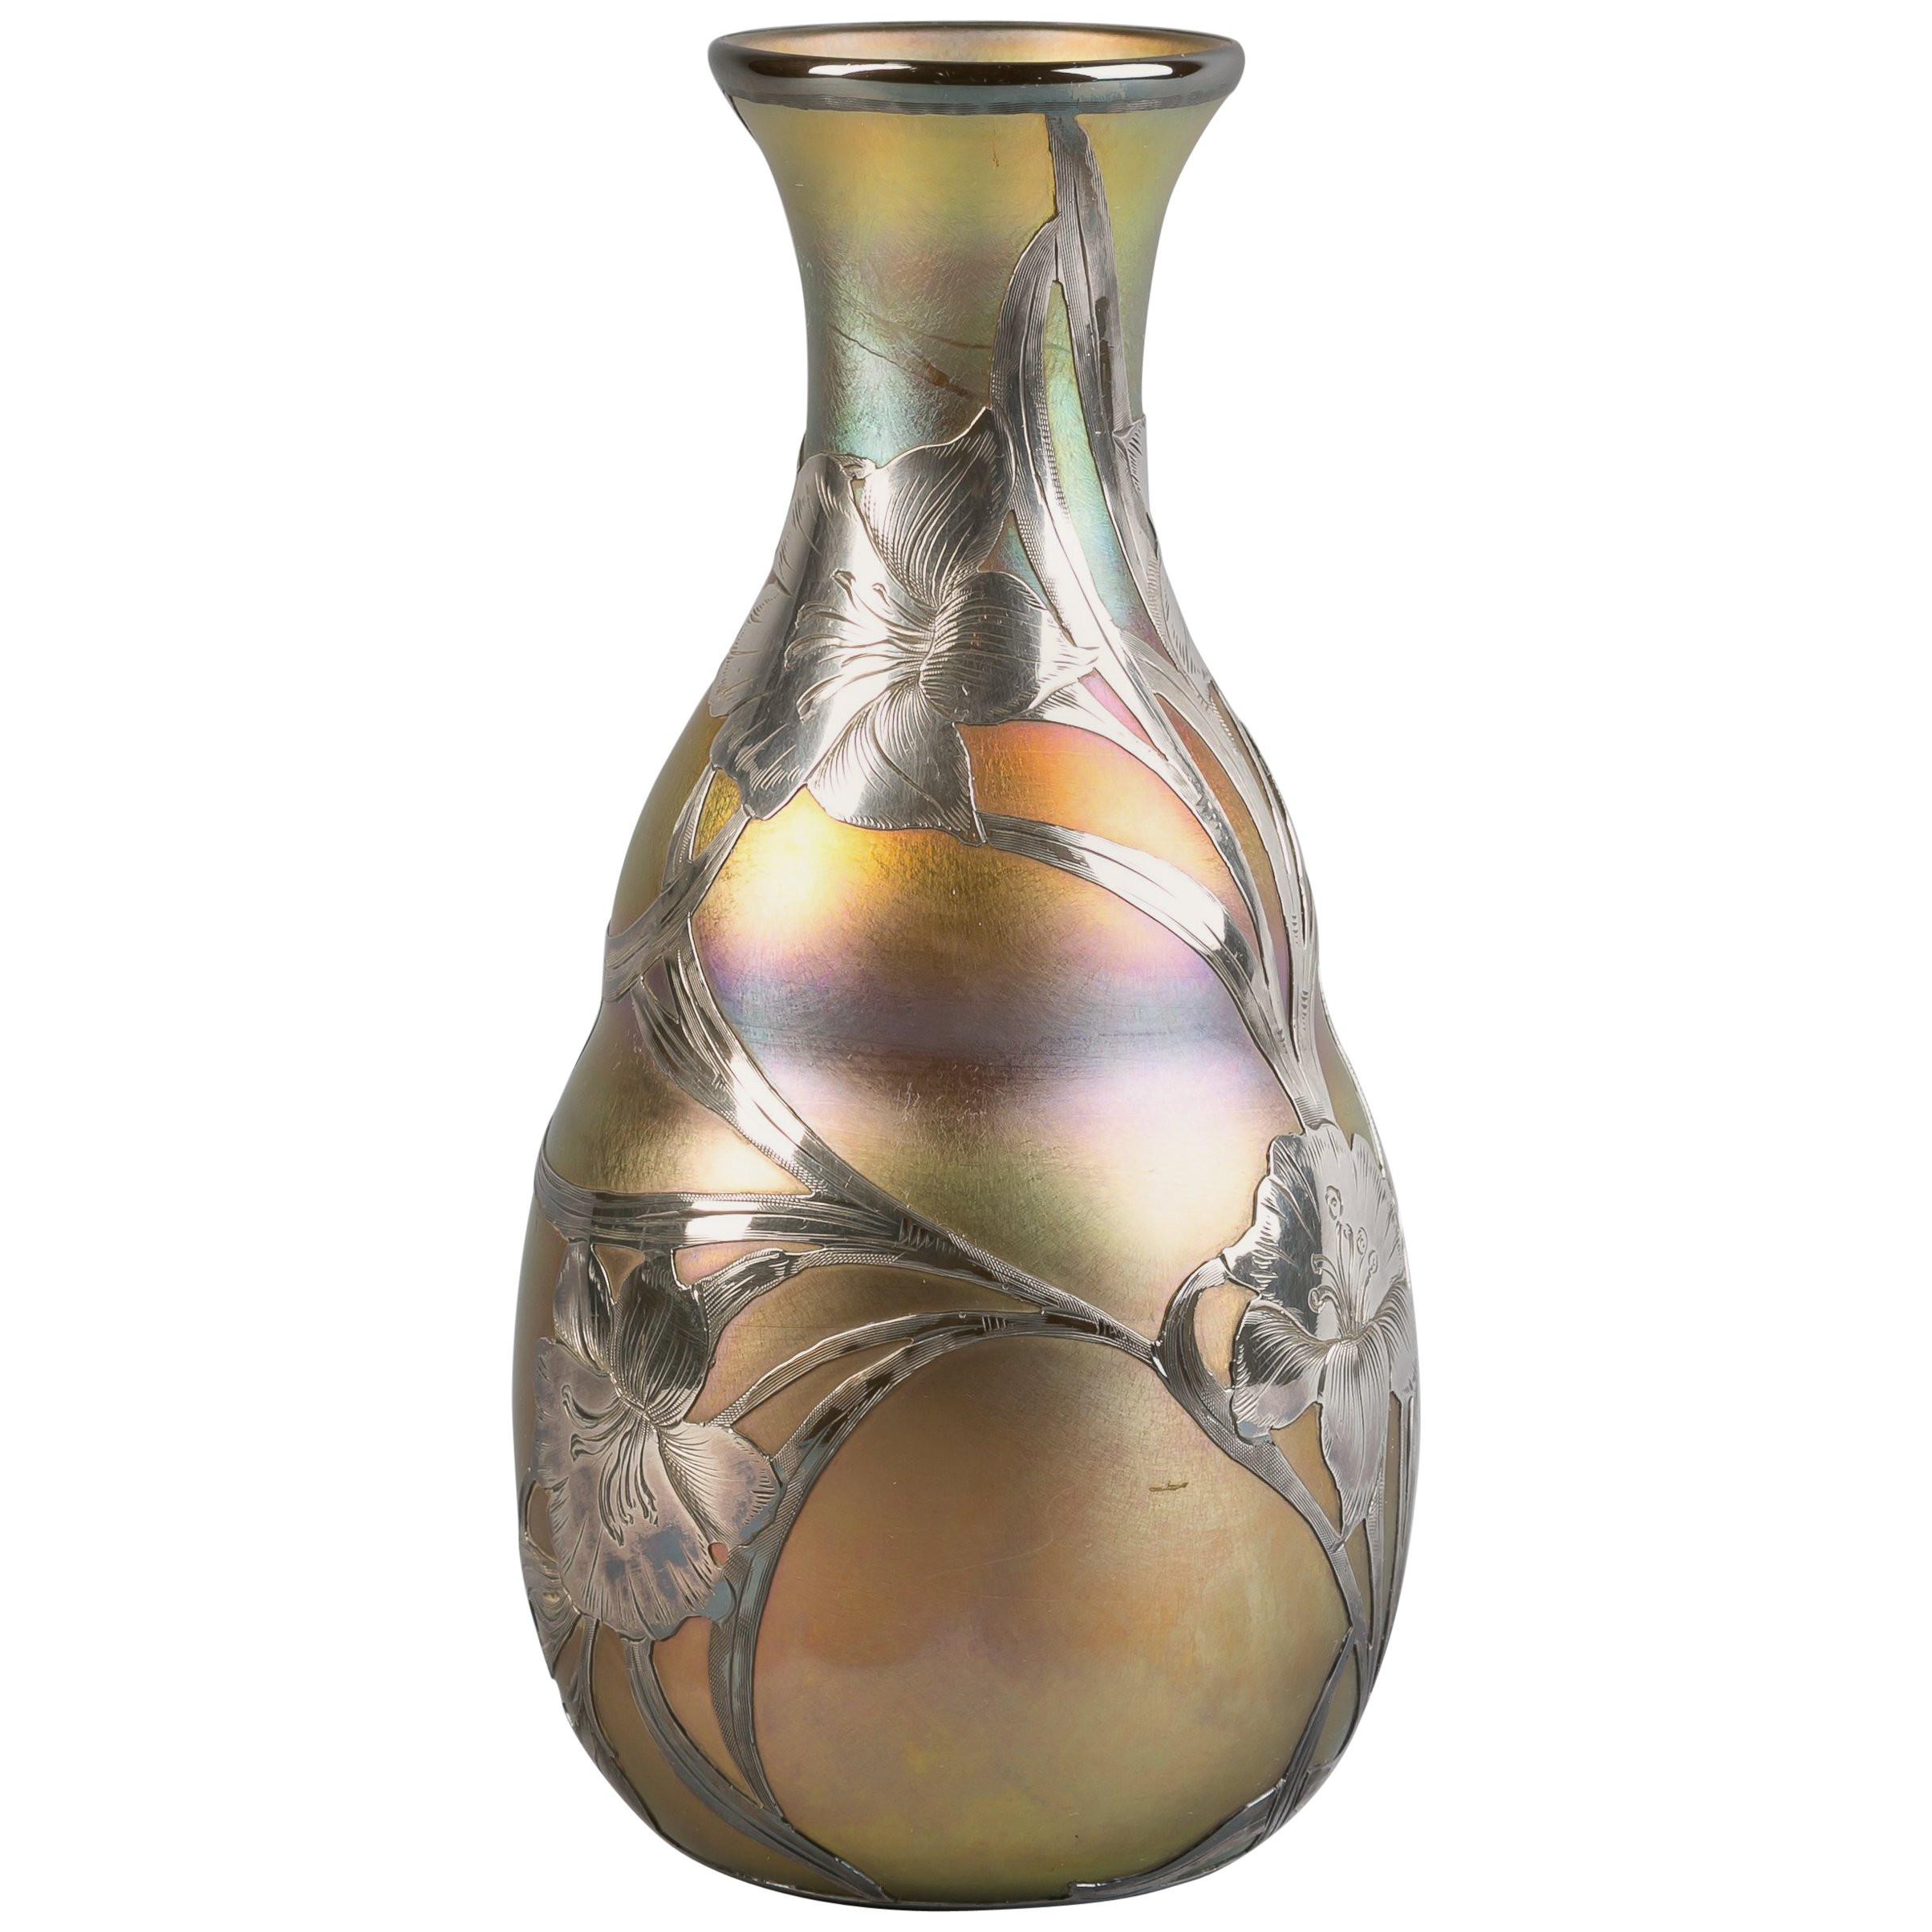 daum nancy vase prices of achaemenid revival repoussa silver vase persia circa 1900 for sale pertaining to achaemenid revival repoussa silver vase persia circa 1900 for sale at 1stdibs